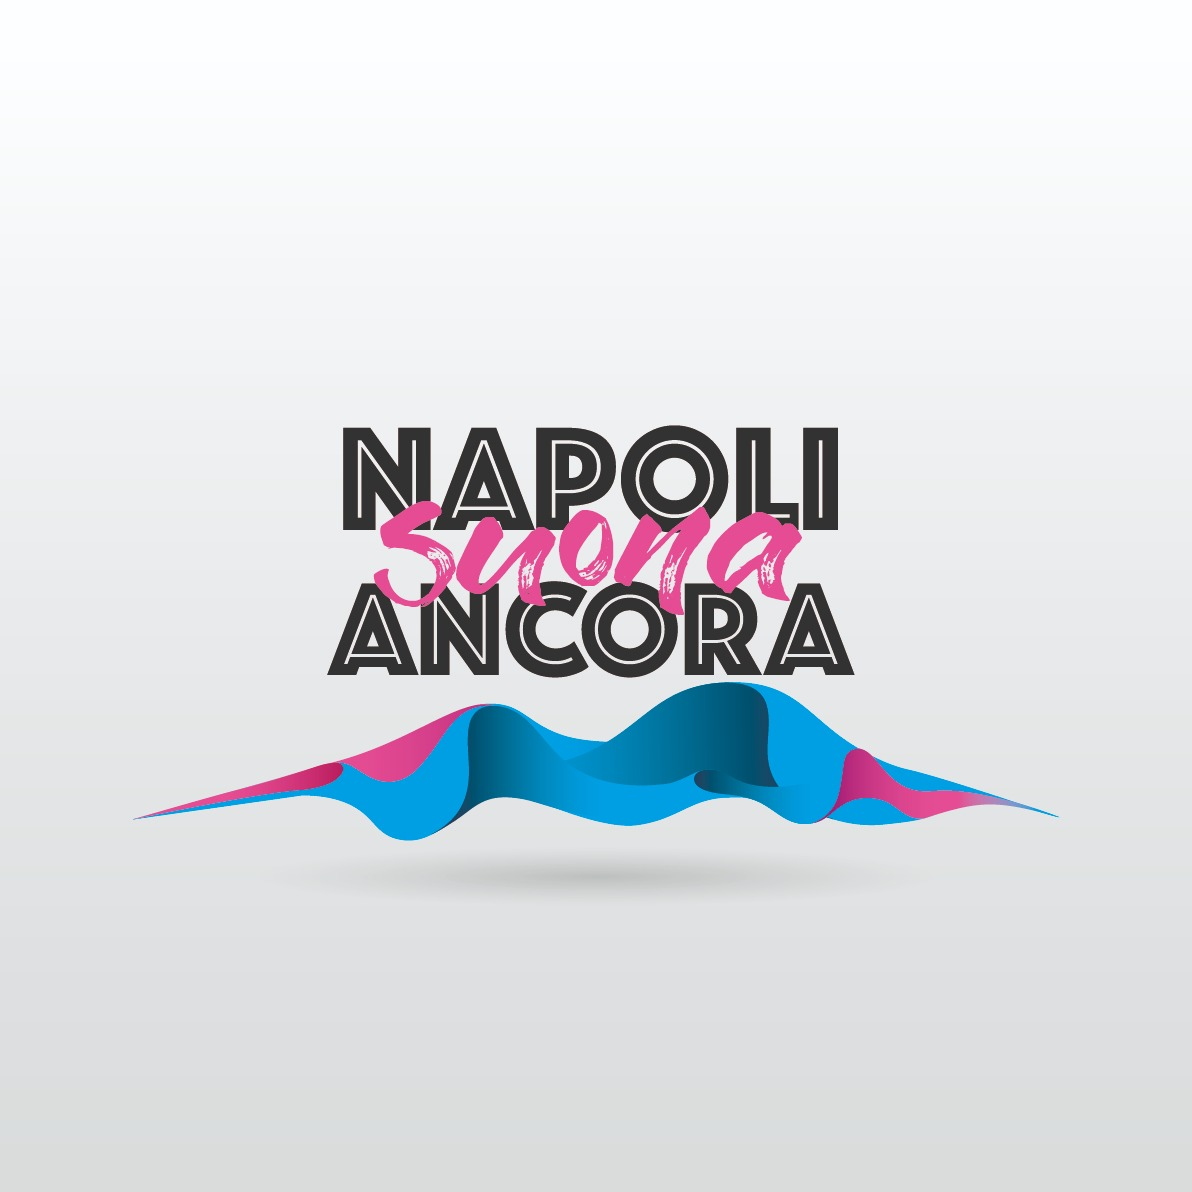 Napoli suona ancora